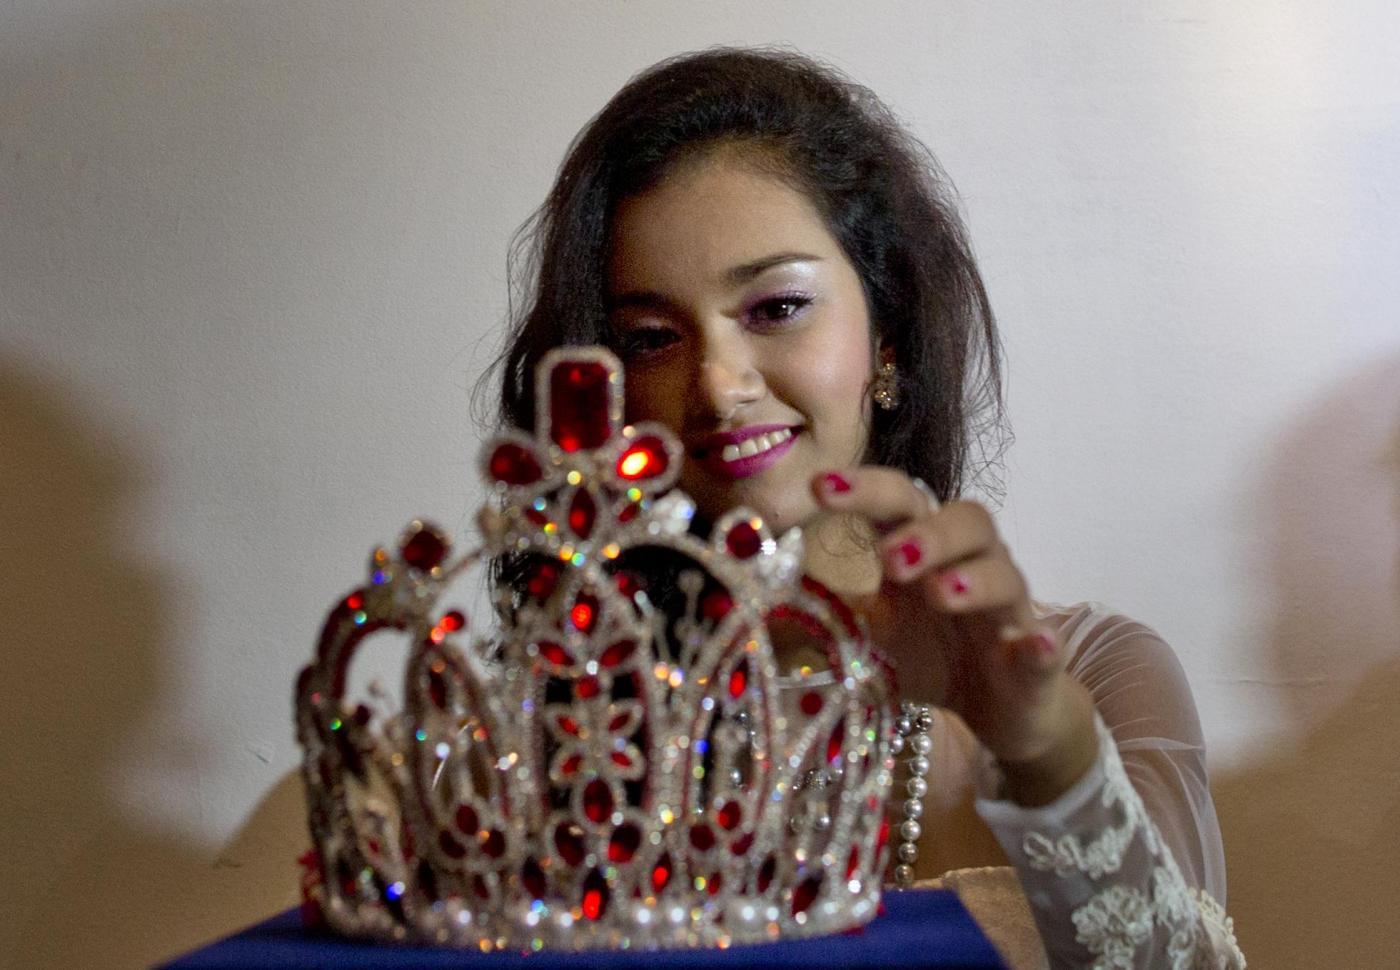 Reginetta accusata di furto: è scappata con la corona (FOTO)